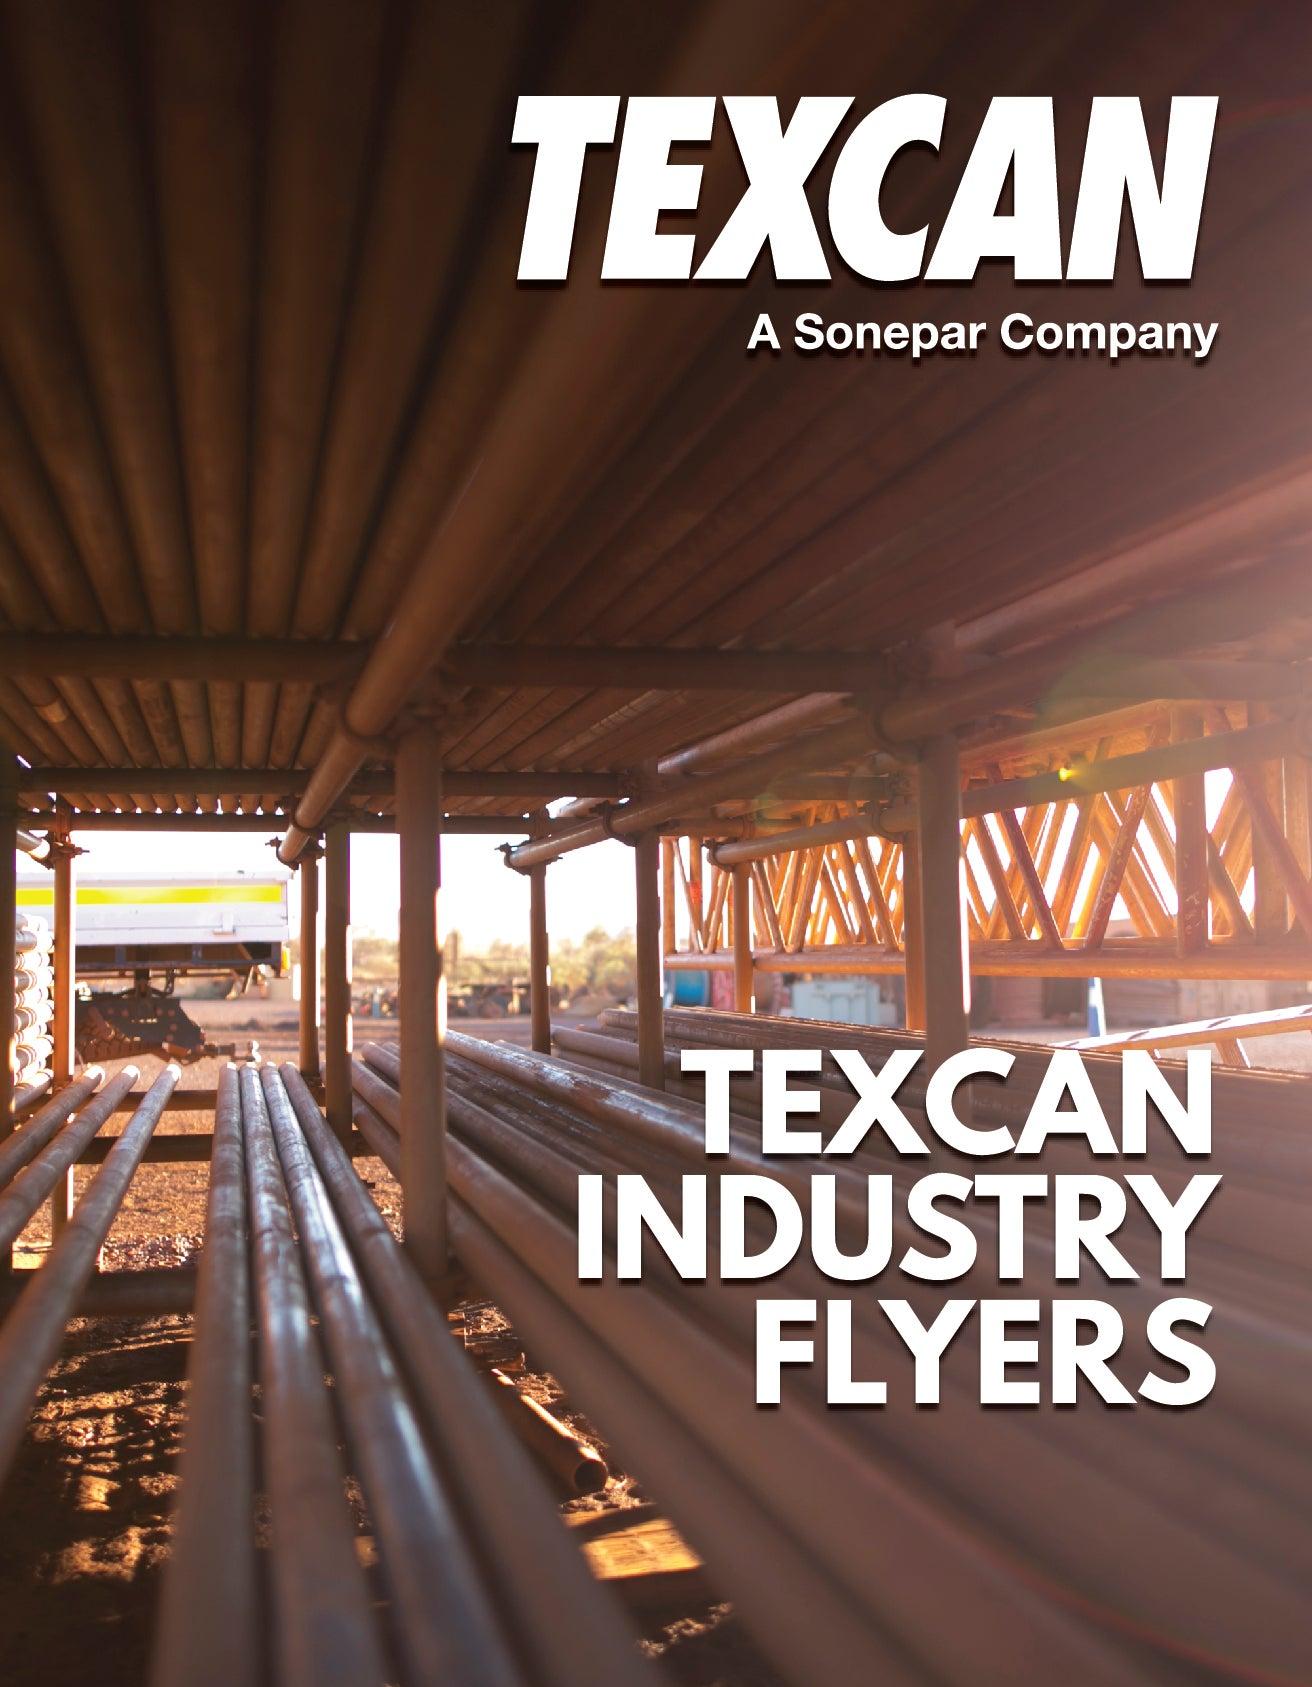 Texcan - Texcan Industry Flyers.jpg